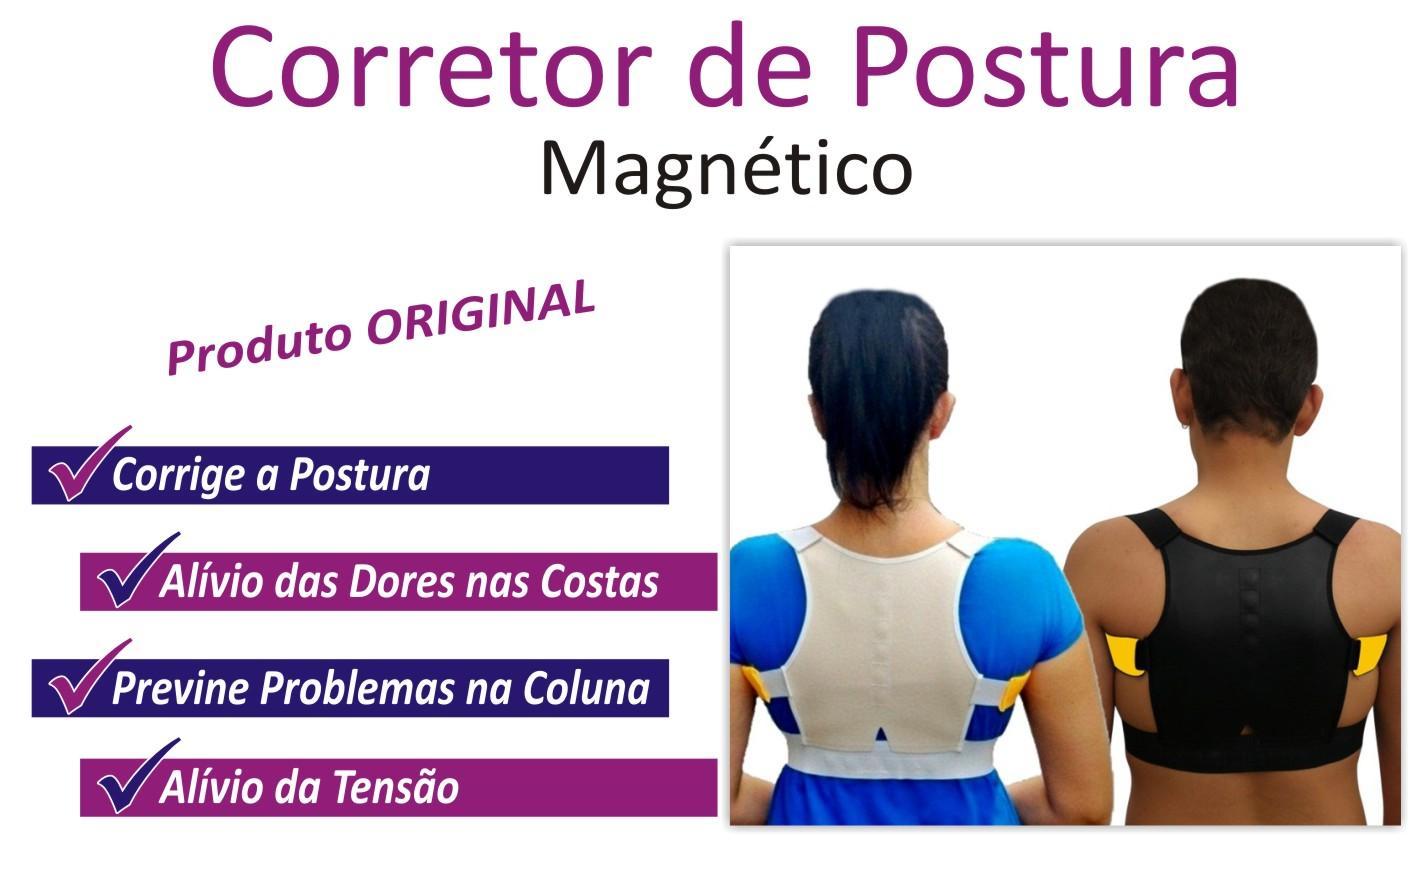 corretor de postura magnetico_2016_1.jpg